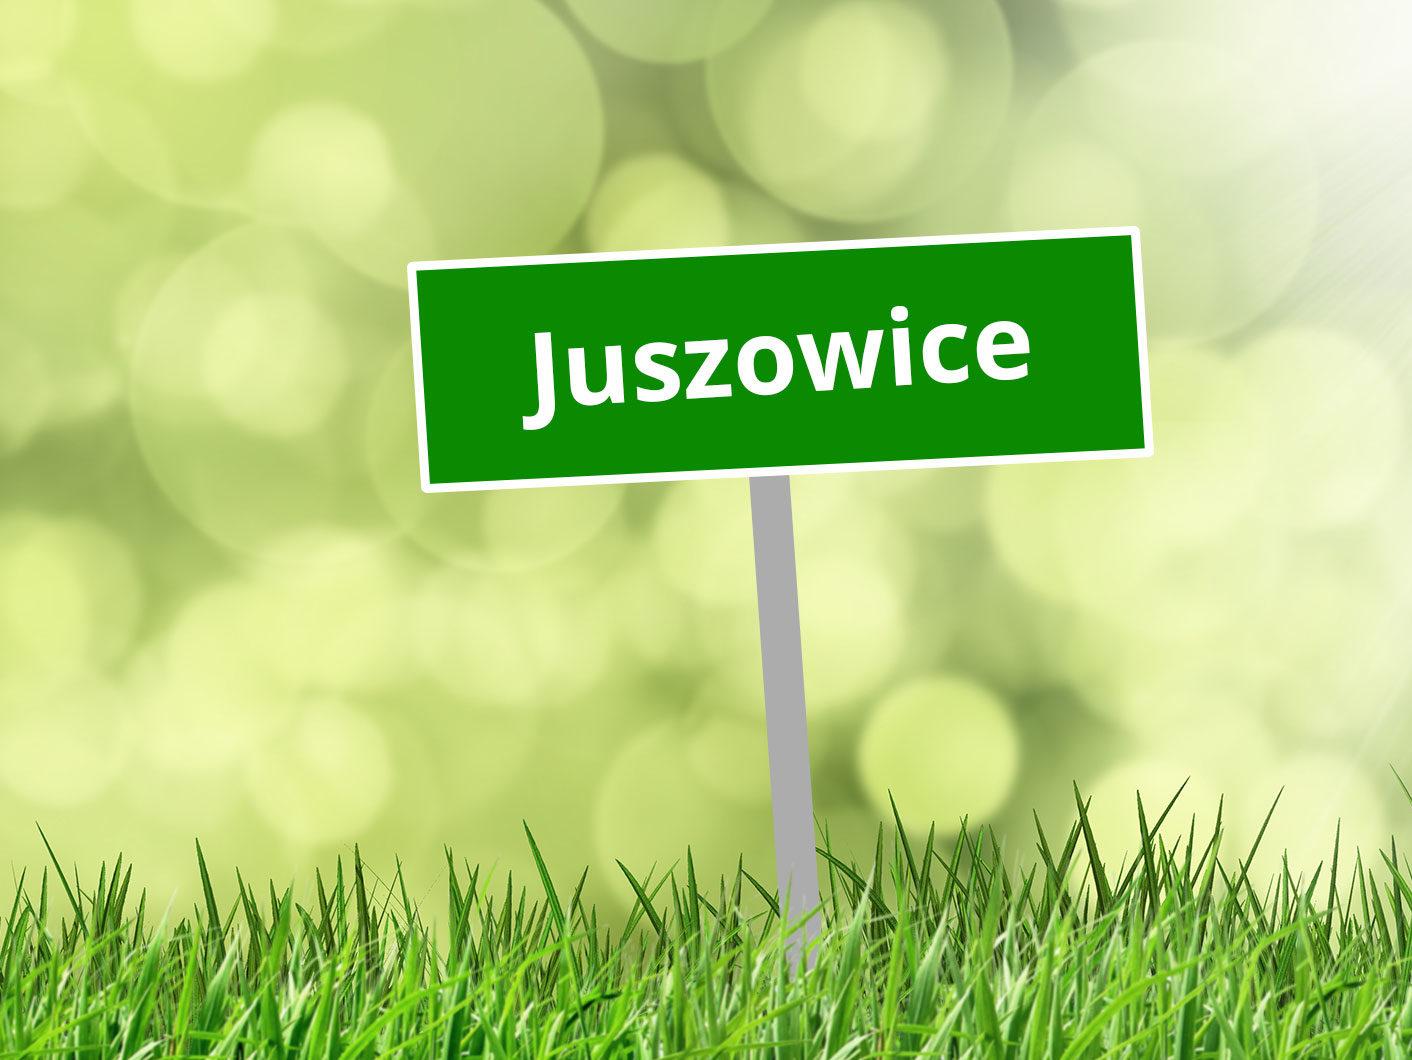 Sołectwo Juszowice